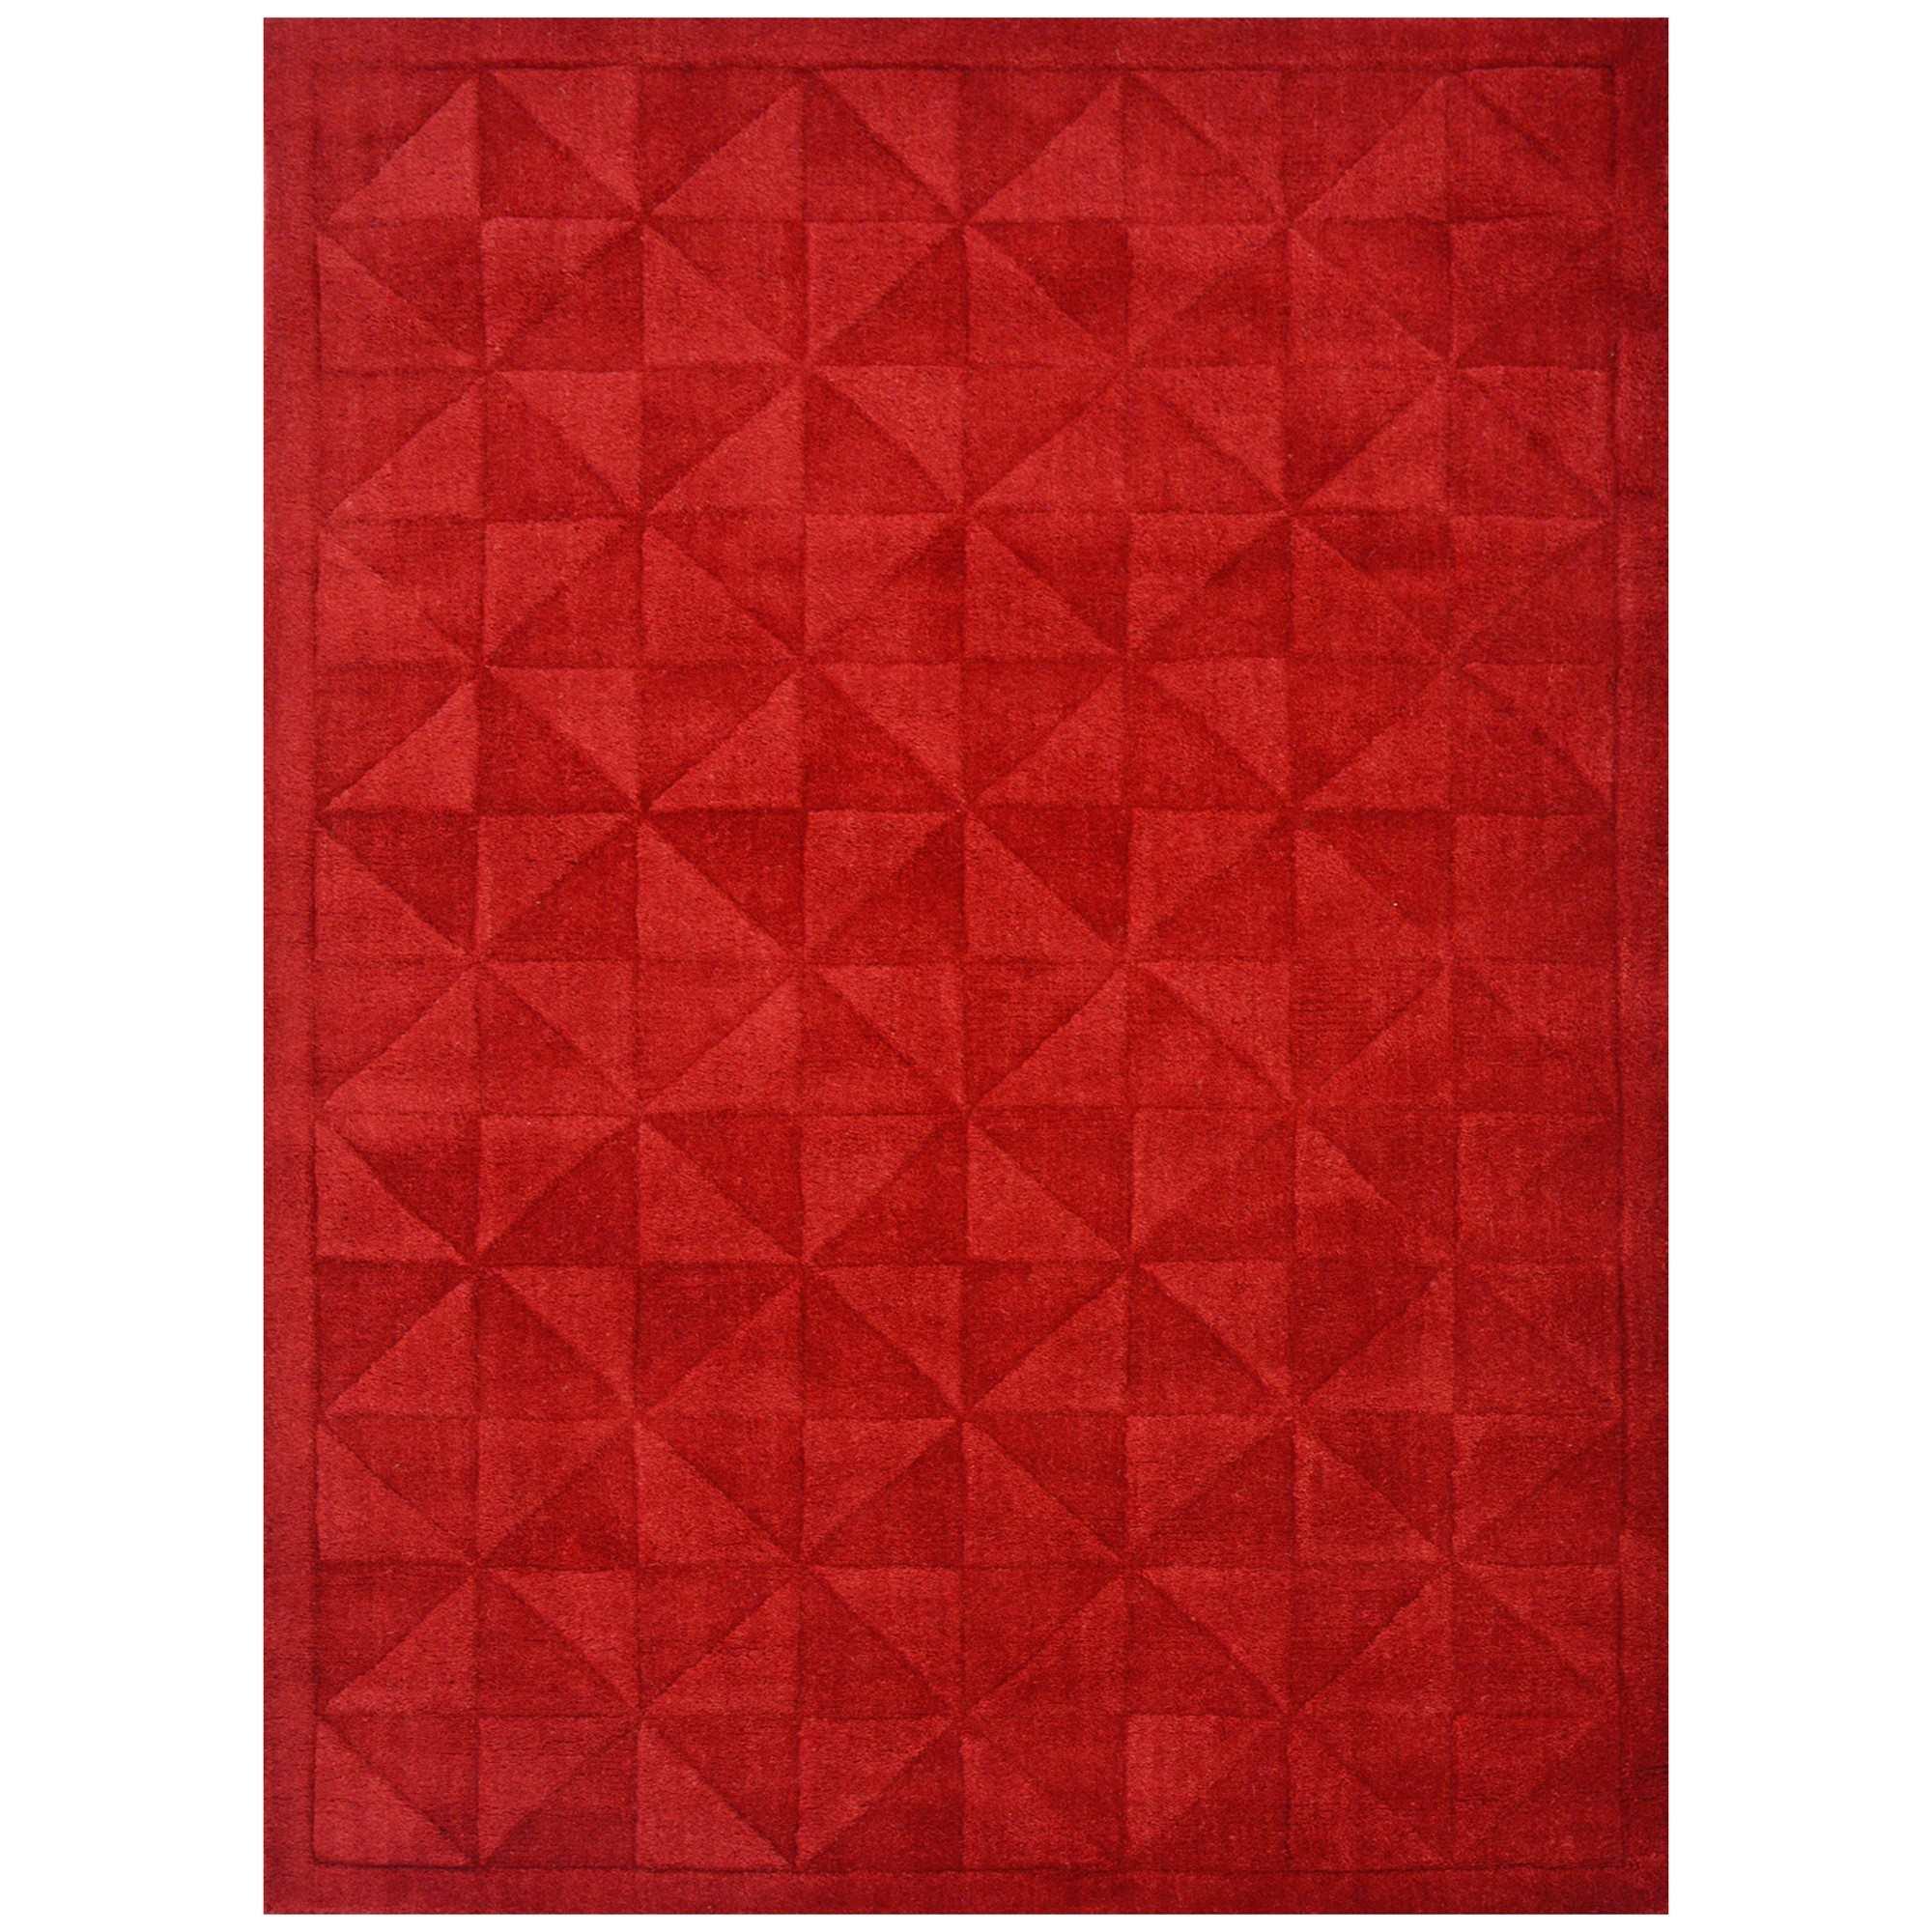 Caberston Modern Wool Rug, 230x160cm, Red